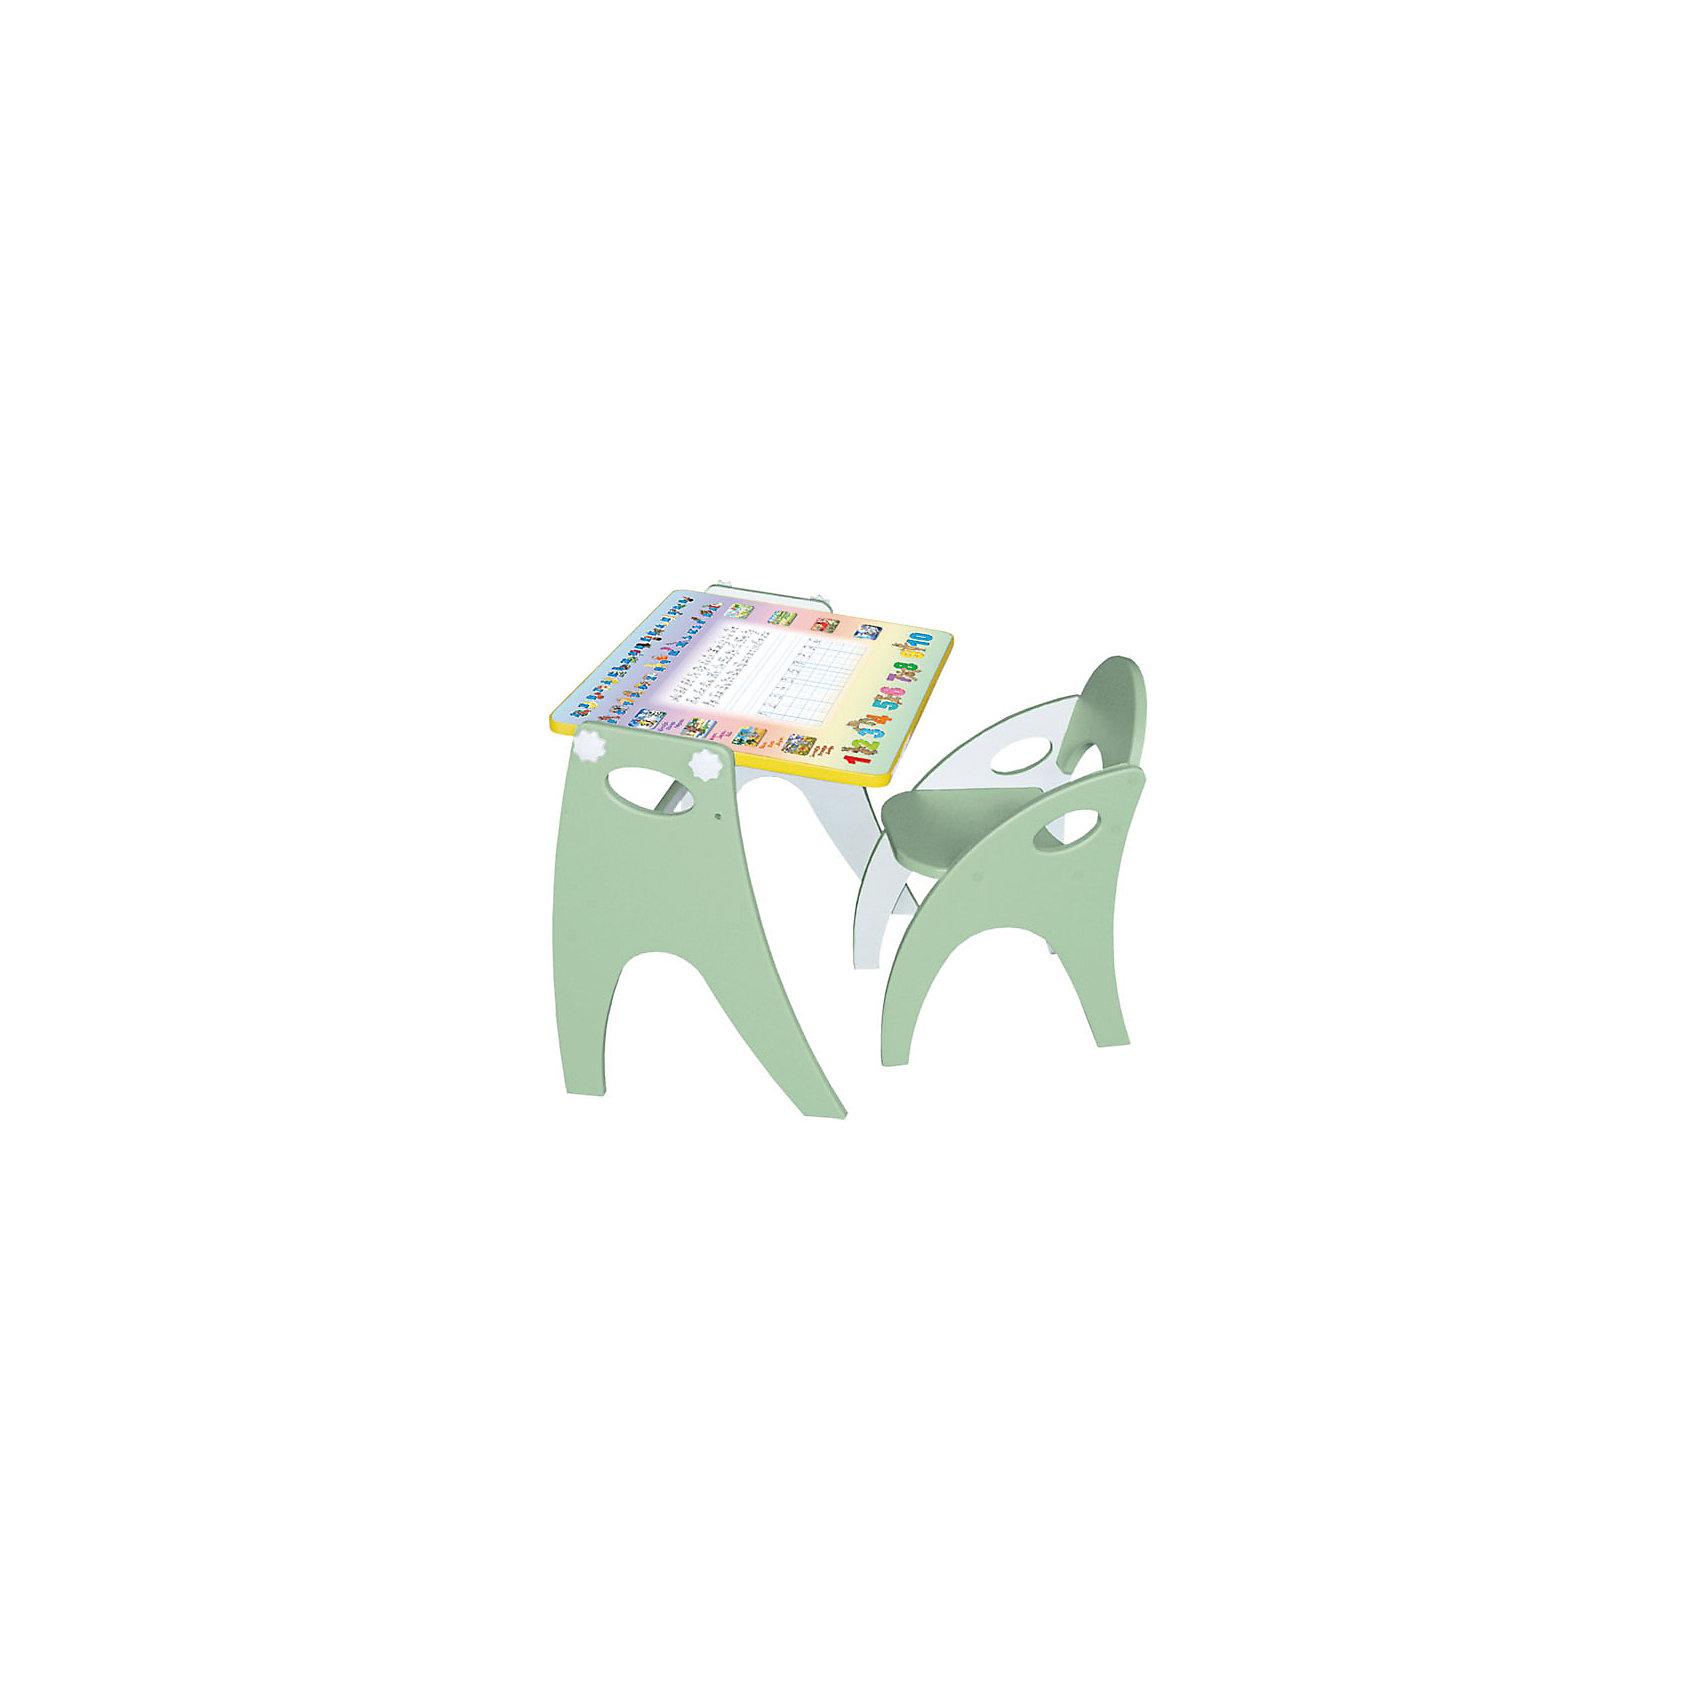 Набор мебели Буквы-цифры, салатовыйНабор детской мебели Буквы-цифры состоит из двух предметов: столик (трансформер) и стульчик.  Столик  имеет механизм трансформации, который позволяет превращать столик в парту и мольберт. Поворот осуществляется при помощи поворотного шарнира, а фиксация - скрепляющими барашками. <br><br>Дополнительная информация:<br><br>- Цвет: салатовый<br>- Материал: МДФ<br>- Возраст: от 3-х лет<br>- Вес: 11.5 кг.<br><br>Благодаря такому чудесному приспособлению, ребенок с легкость и большим интересом будет познавать мир букв и цифр!<br><br>Набор мебели Буквы-цифры в салатовом цвете, можно купить в нашем магазине.<br><br>Ширина мм: 600<br>Глубина мм: 120<br>Высота мм: 450<br>Вес г: 11500<br>Возраст от месяцев: 36<br>Возраст до месяцев: 108<br>Пол: Унисекс<br>Возраст: Детский<br>SKU: 4718343